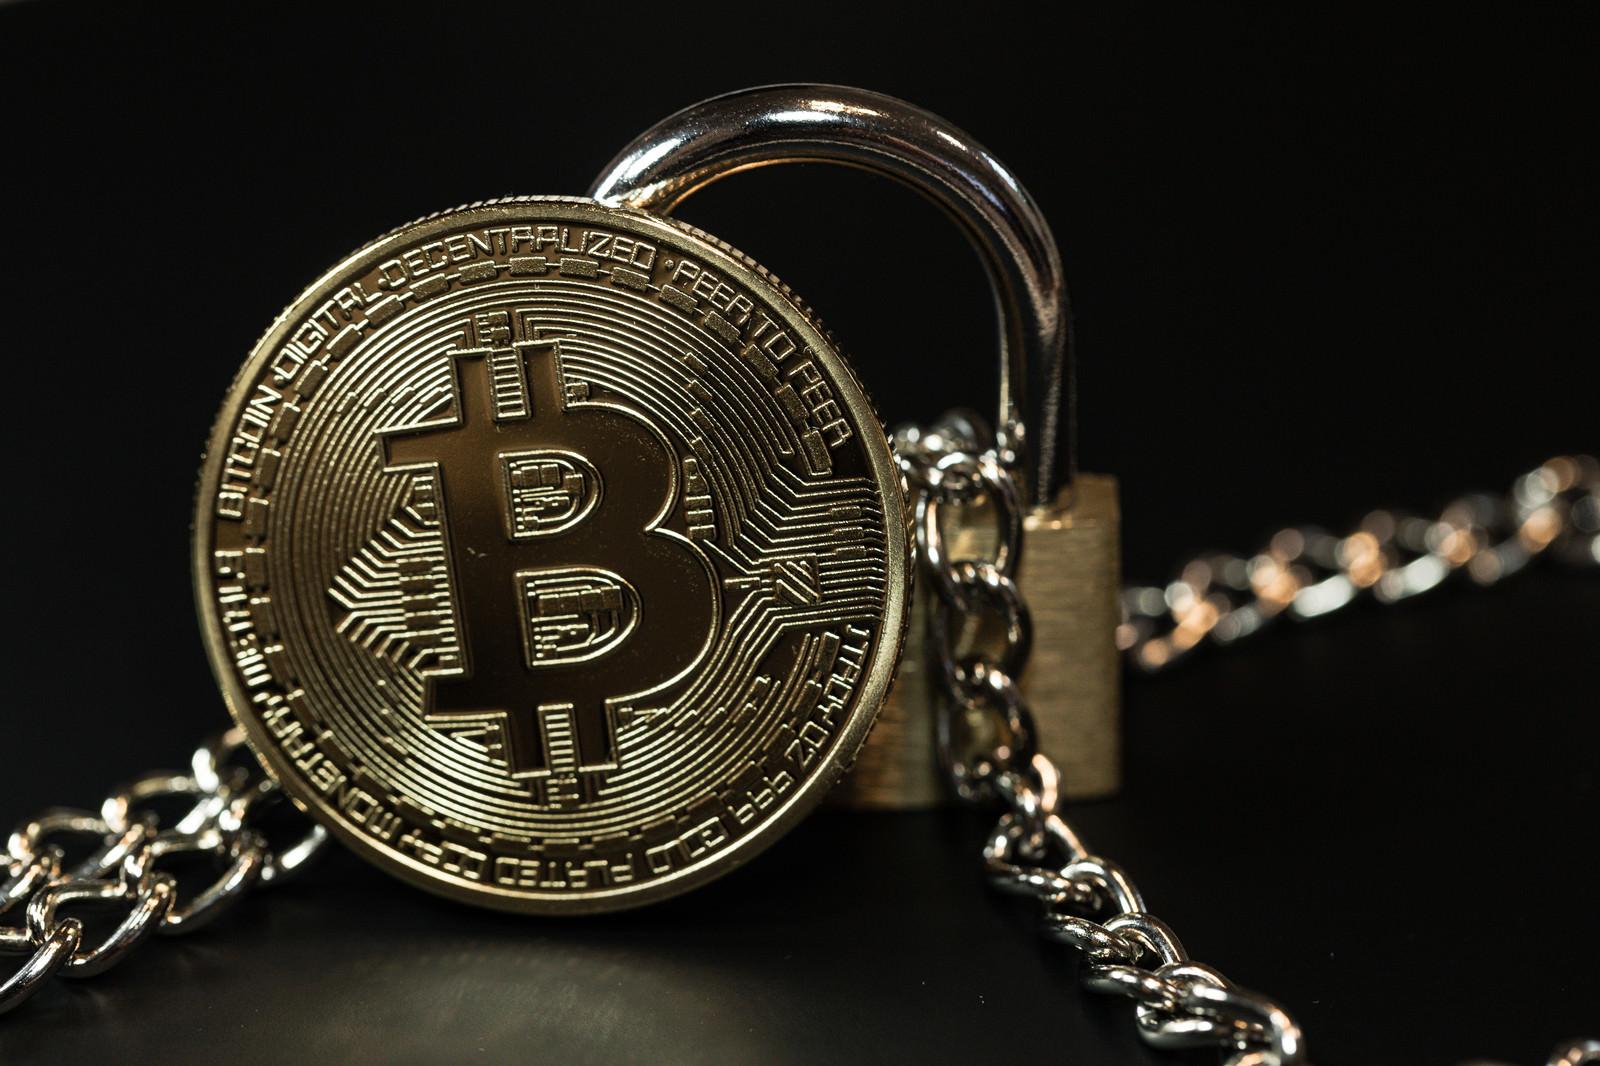 「ビットコインのトランザクションはブロックチェーンに記録され続けます」の写真